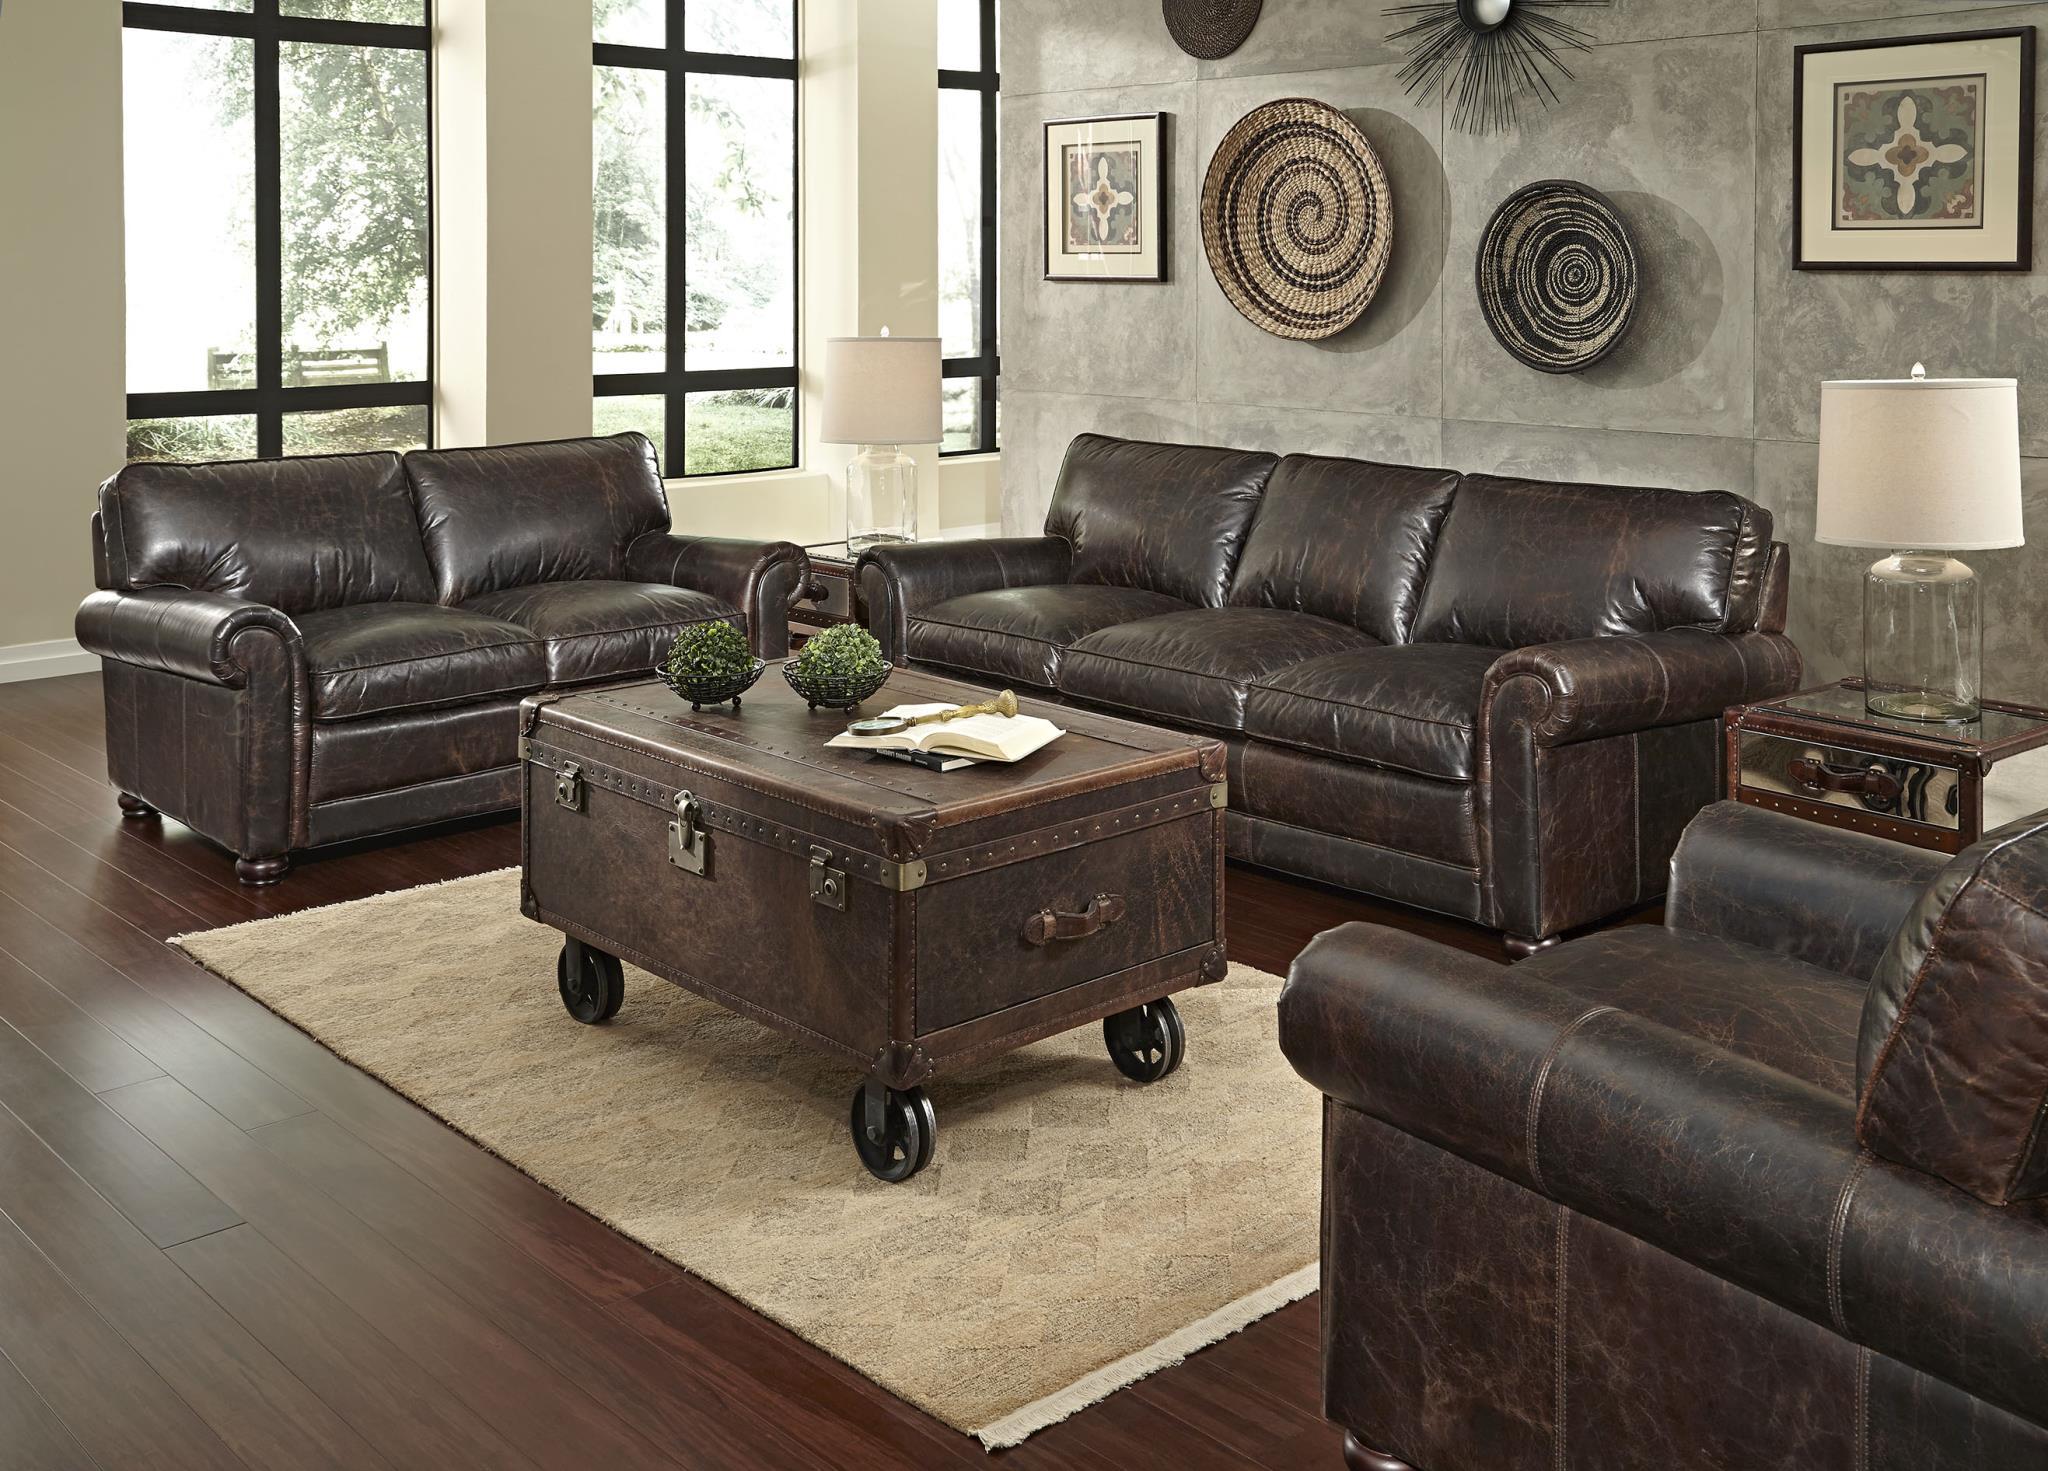 Superb Hardwick 1001 Leather Sofa In Brompton Sofas And Sectionals Inzonedesignstudio Interior Chair Design Inzonedesignstudiocom